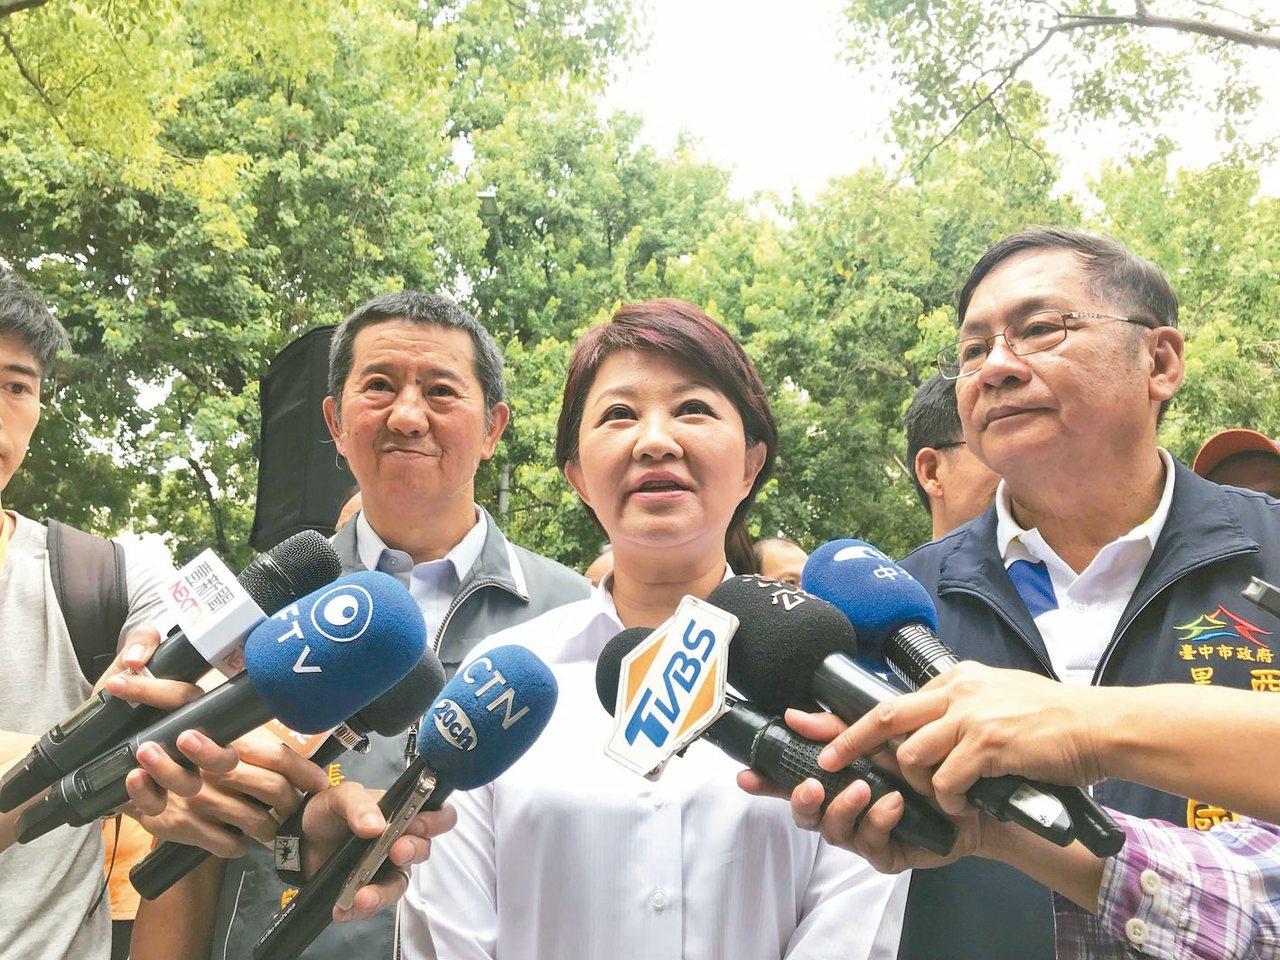 台中市長盧秀燕今早說,郭董事長因為熱愛中華民國,選擇放手,她非常佩服,此事對國民...